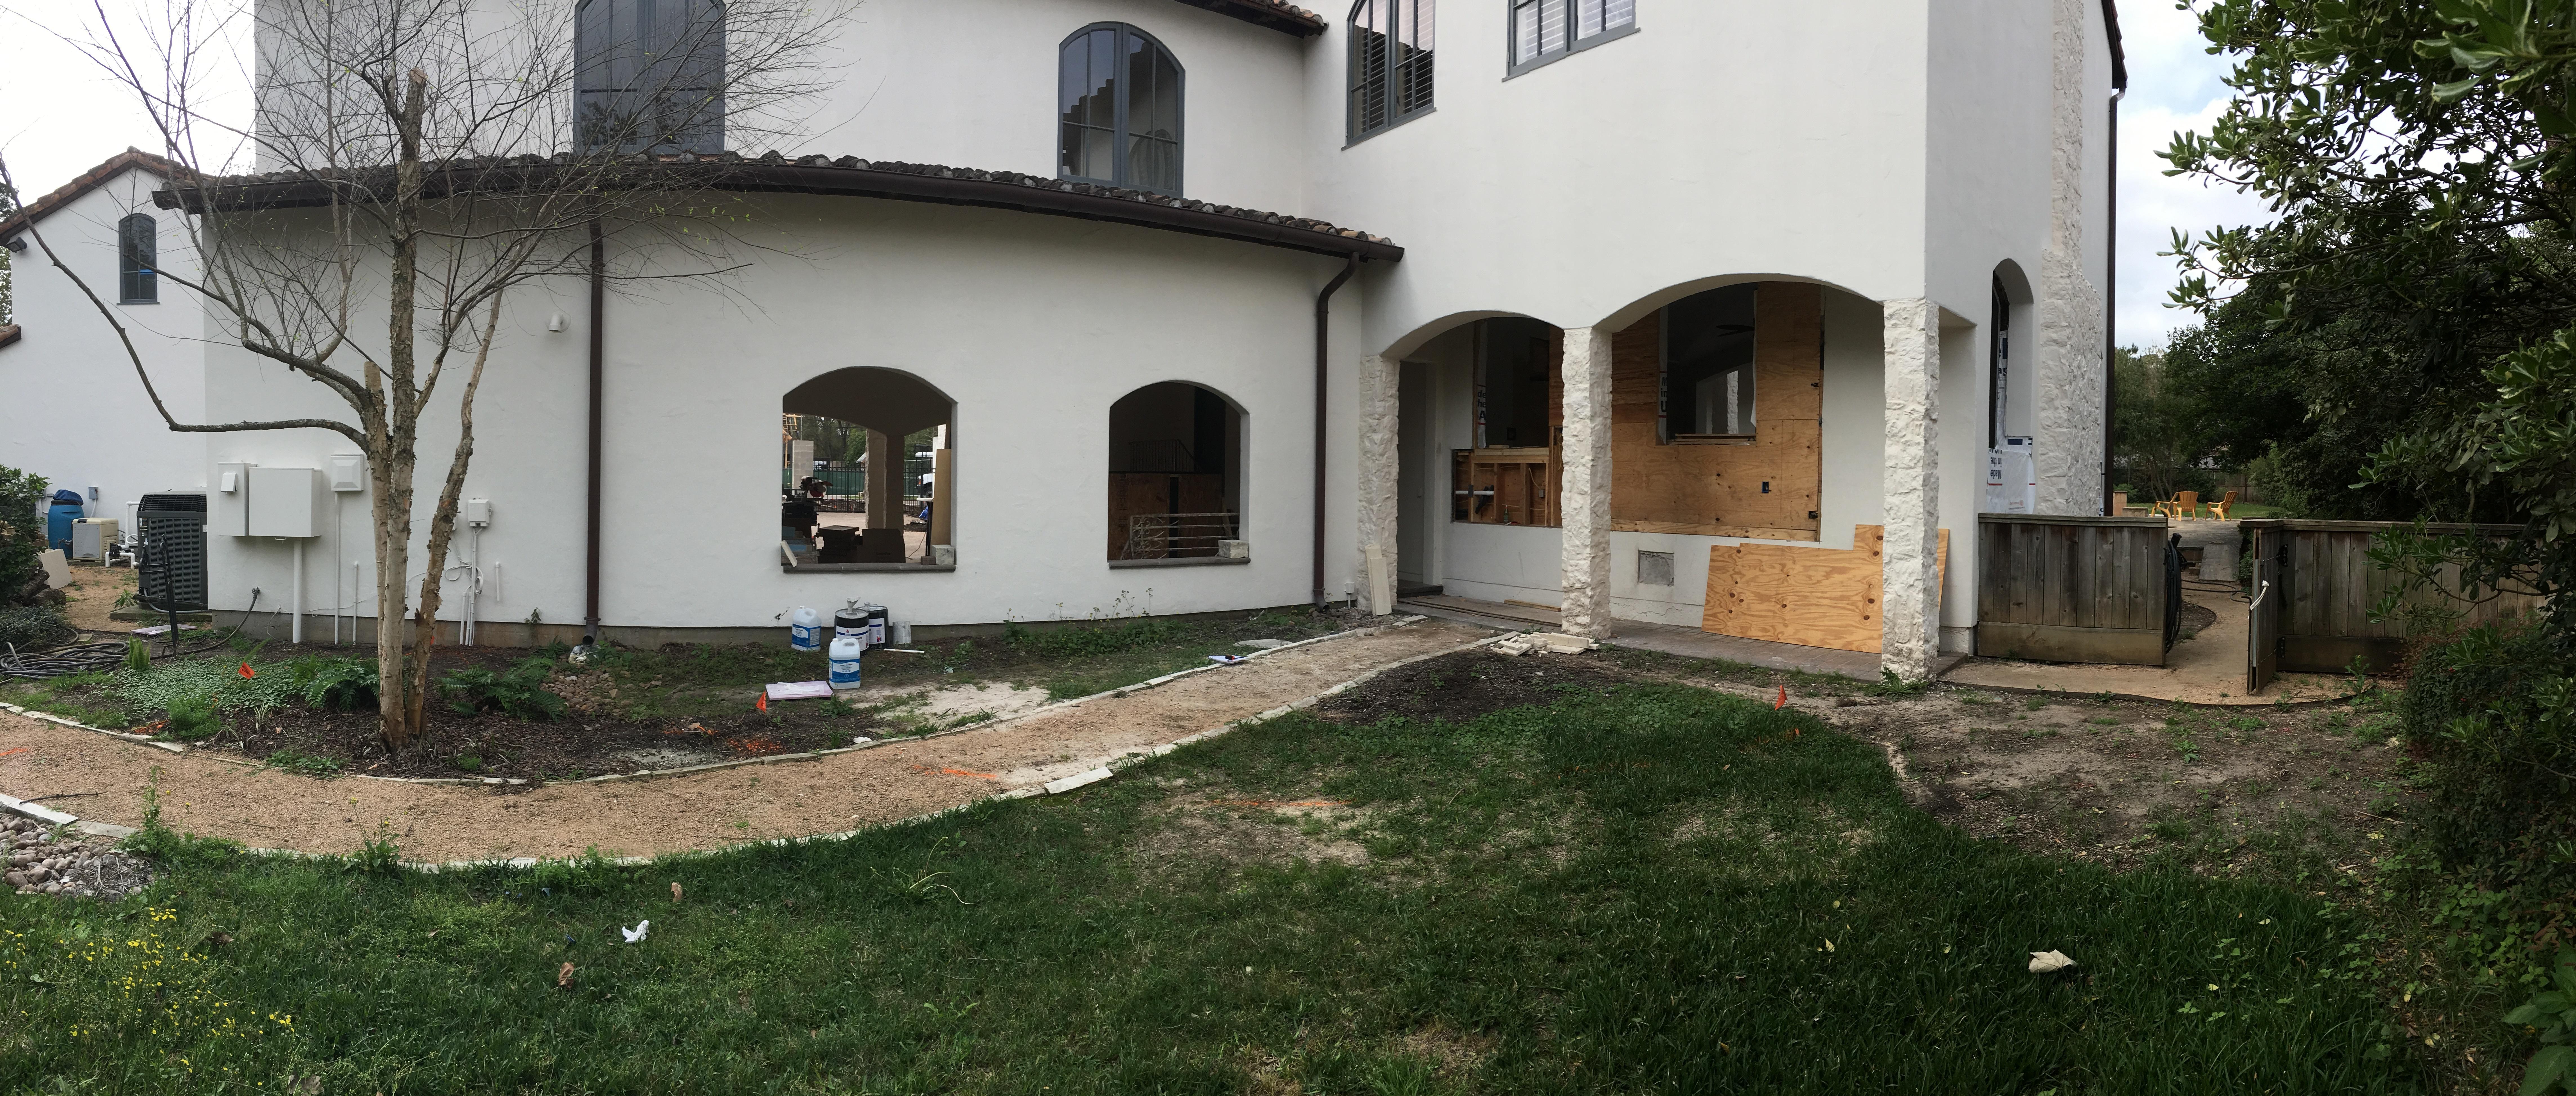 Before Kitchen Garden Design & Installation